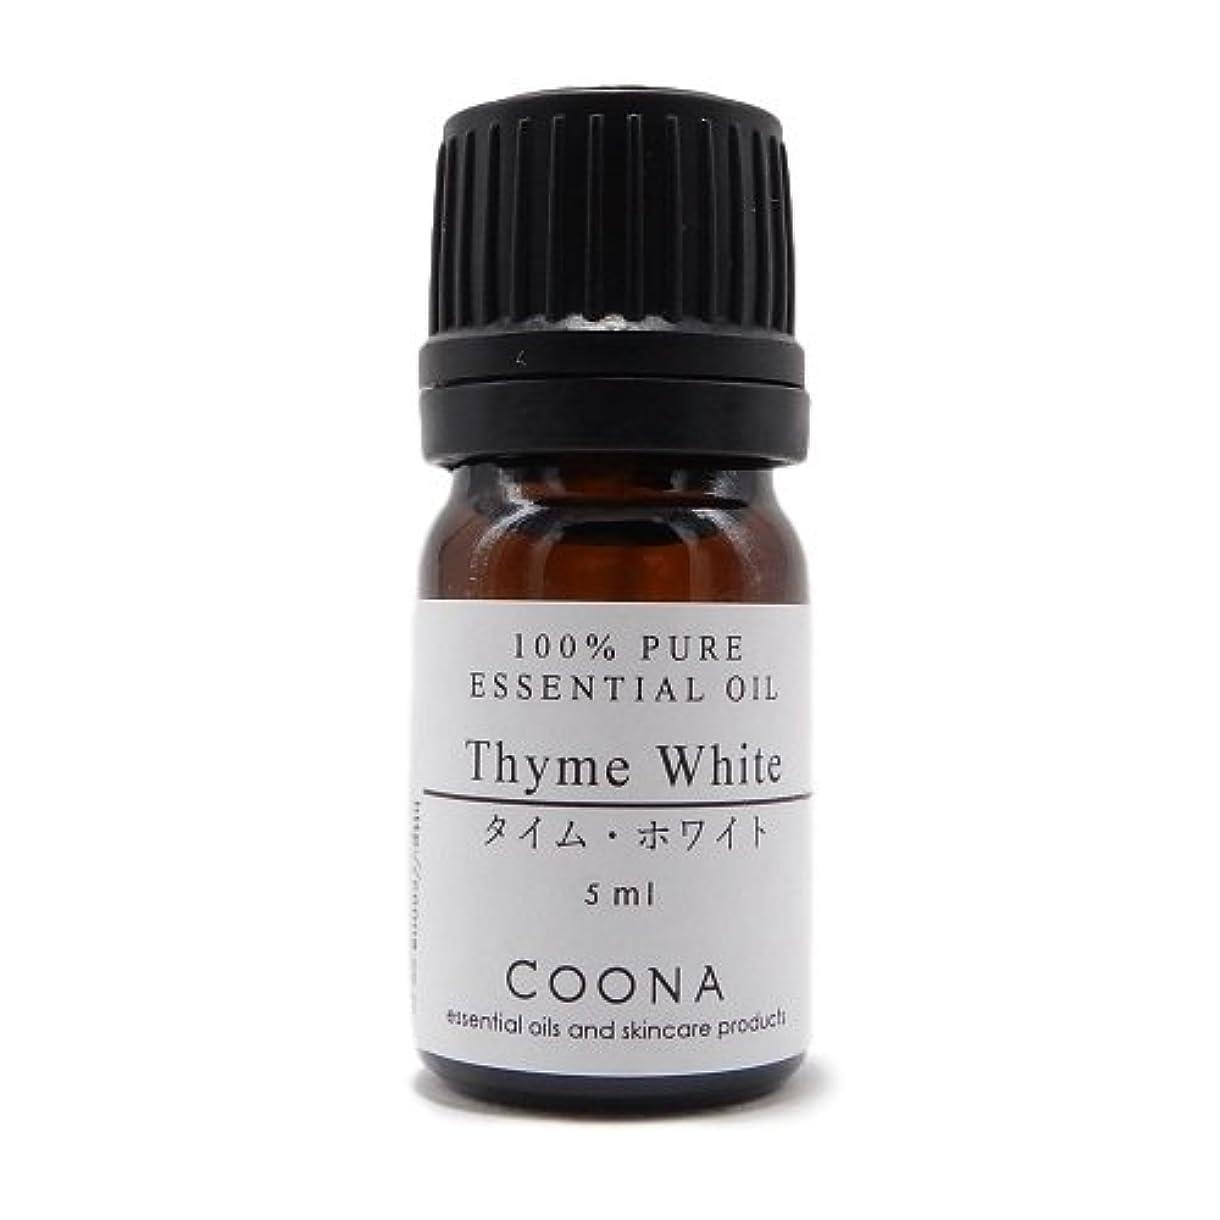 フィード主張する大佐タイム ホワイト 5 ml (COONA エッセンシャルオイル アロマオイル 100%天然植物精油)